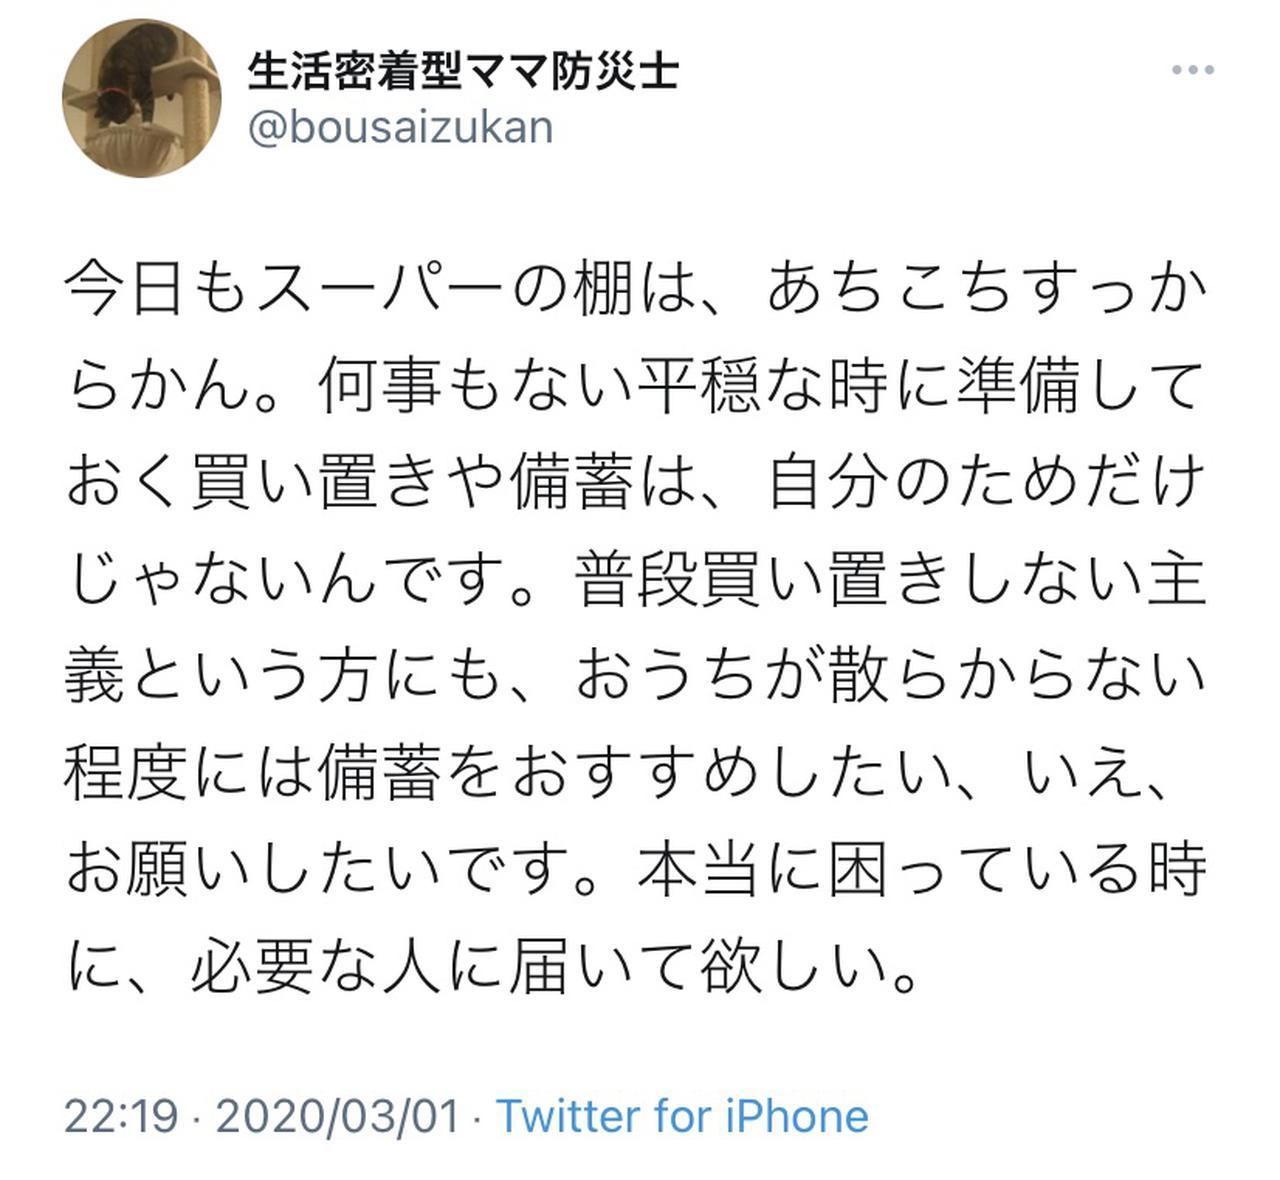 画像: https://twitter.com/bousaizukan/status/1234105973943353344?s=29